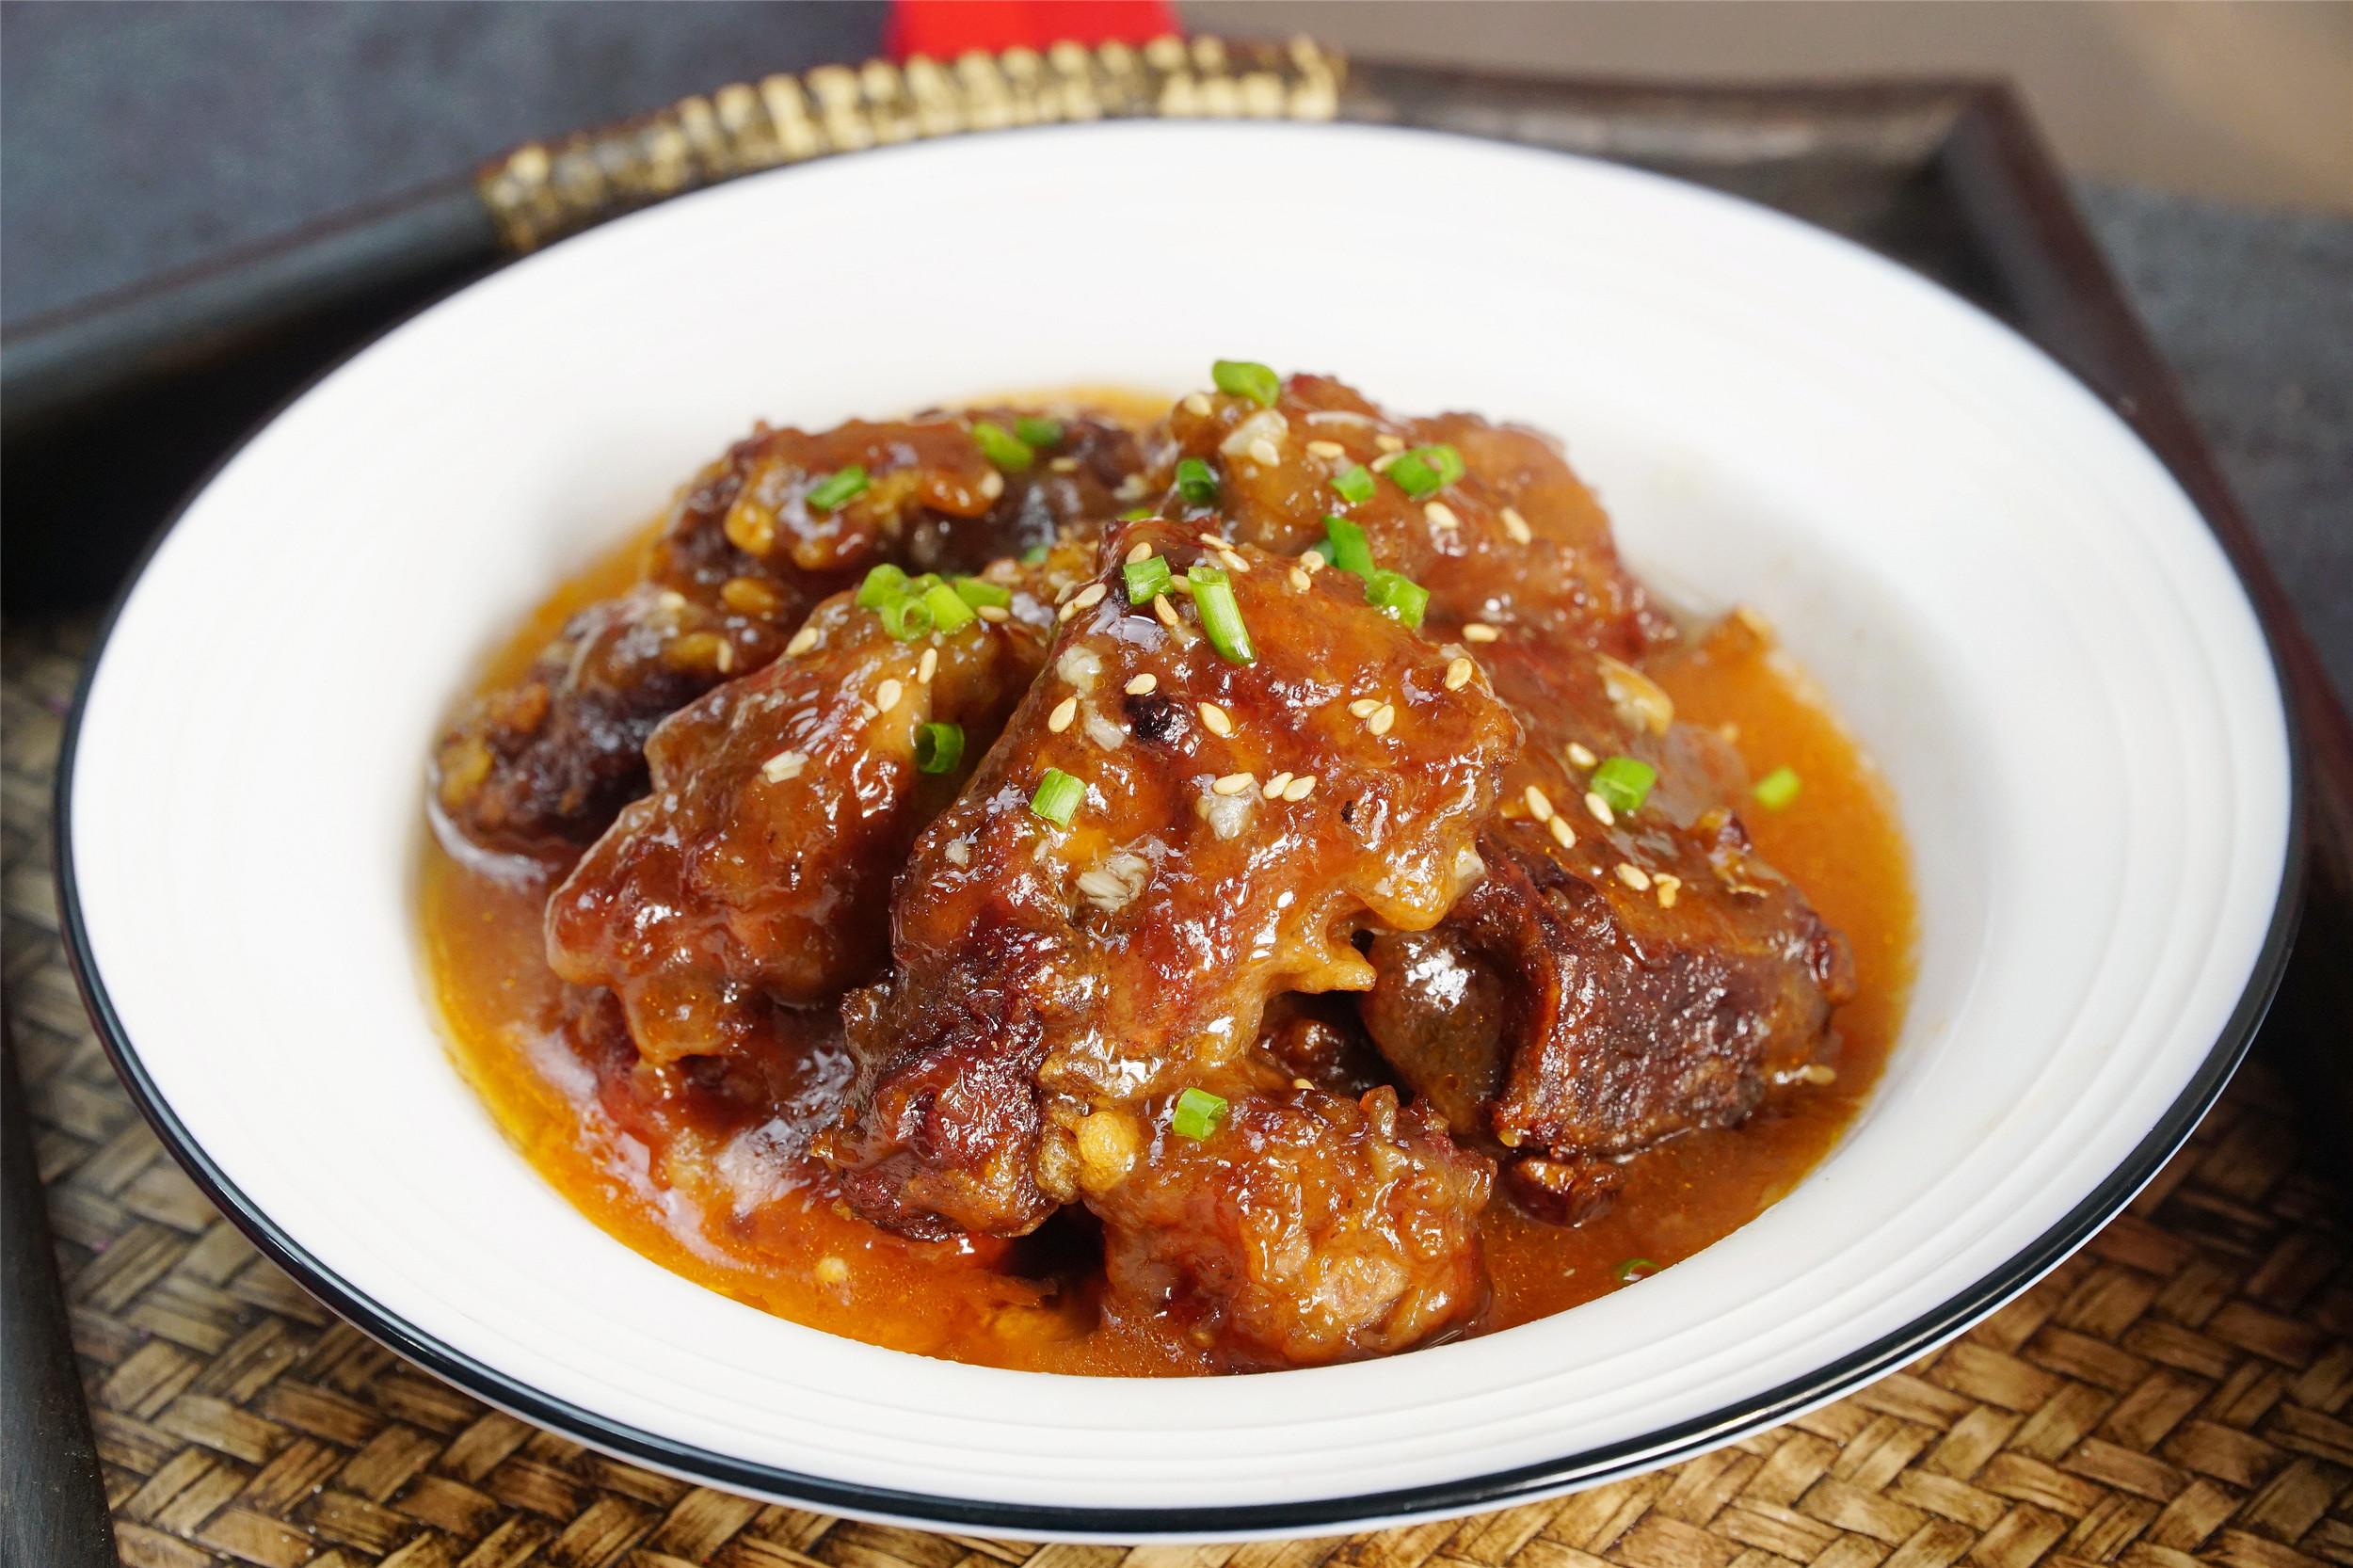 """天凉了,推荐12道""""硬菜""""暖暖身,适合秋天解馋,爱吃肉有口福了"""